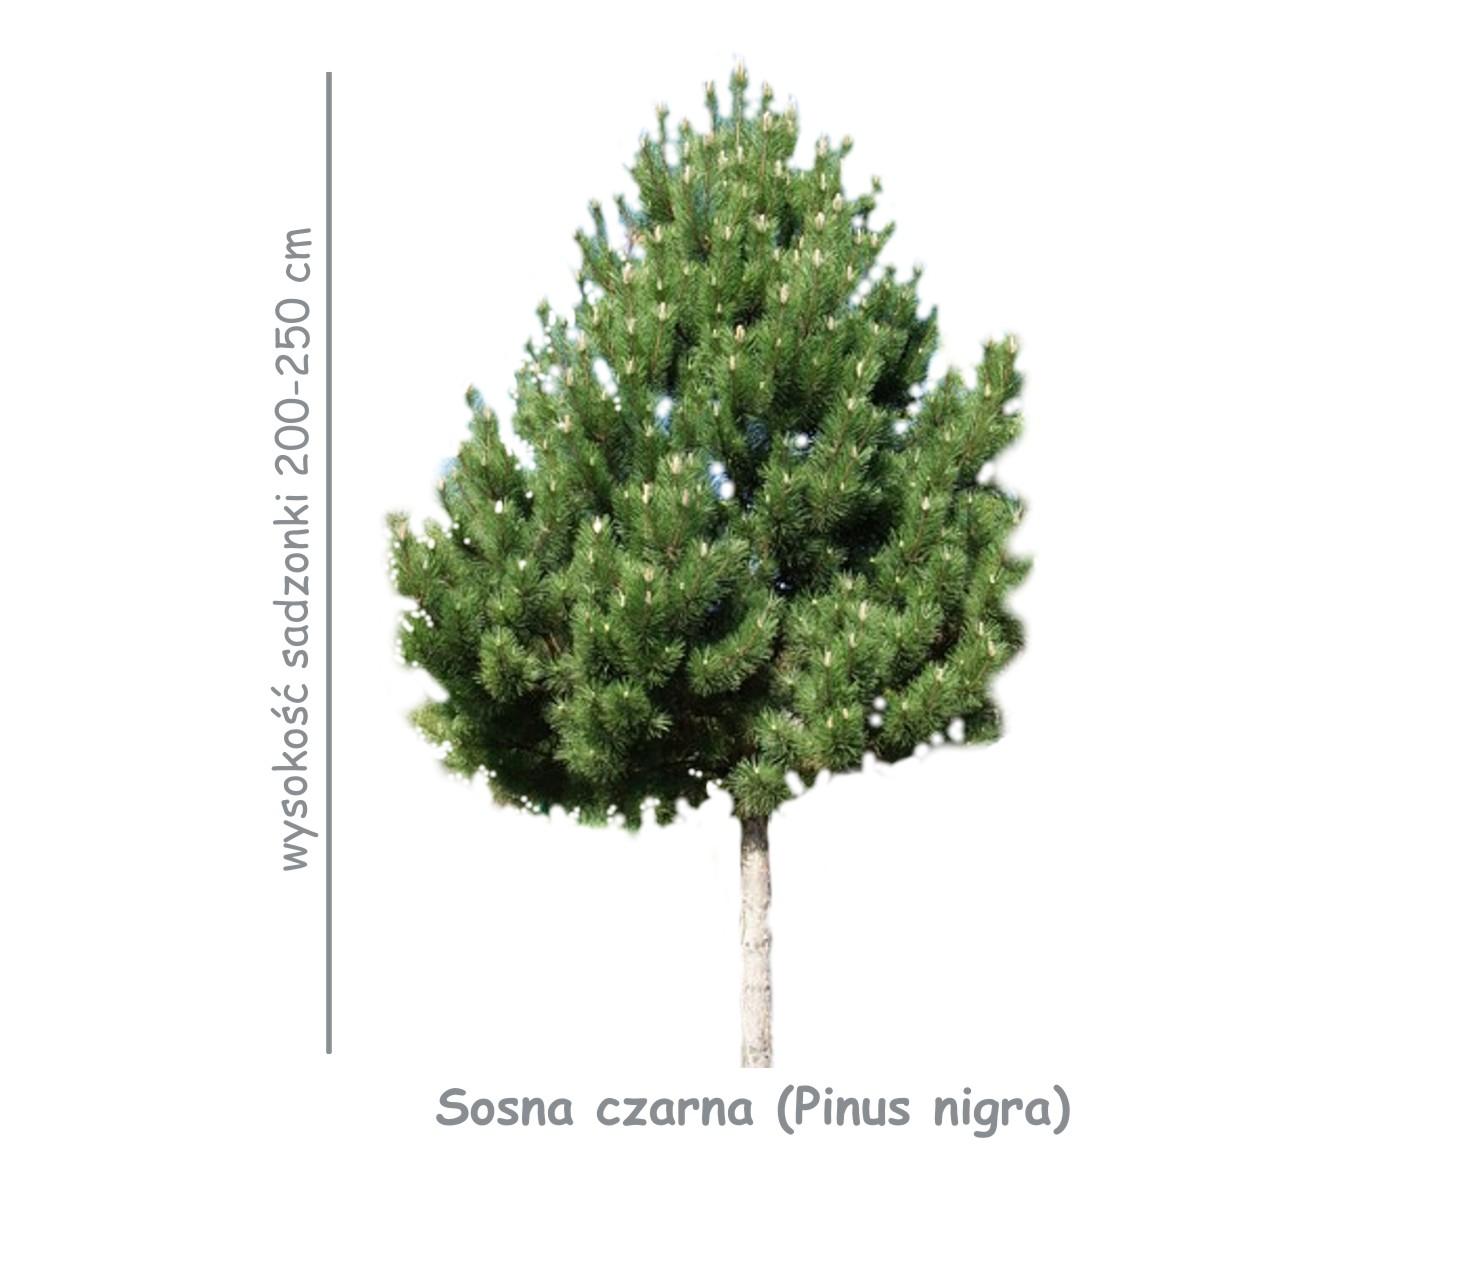 Sosna czarna (Pinus nigra) wysokośc sadzonki 200-250 cm